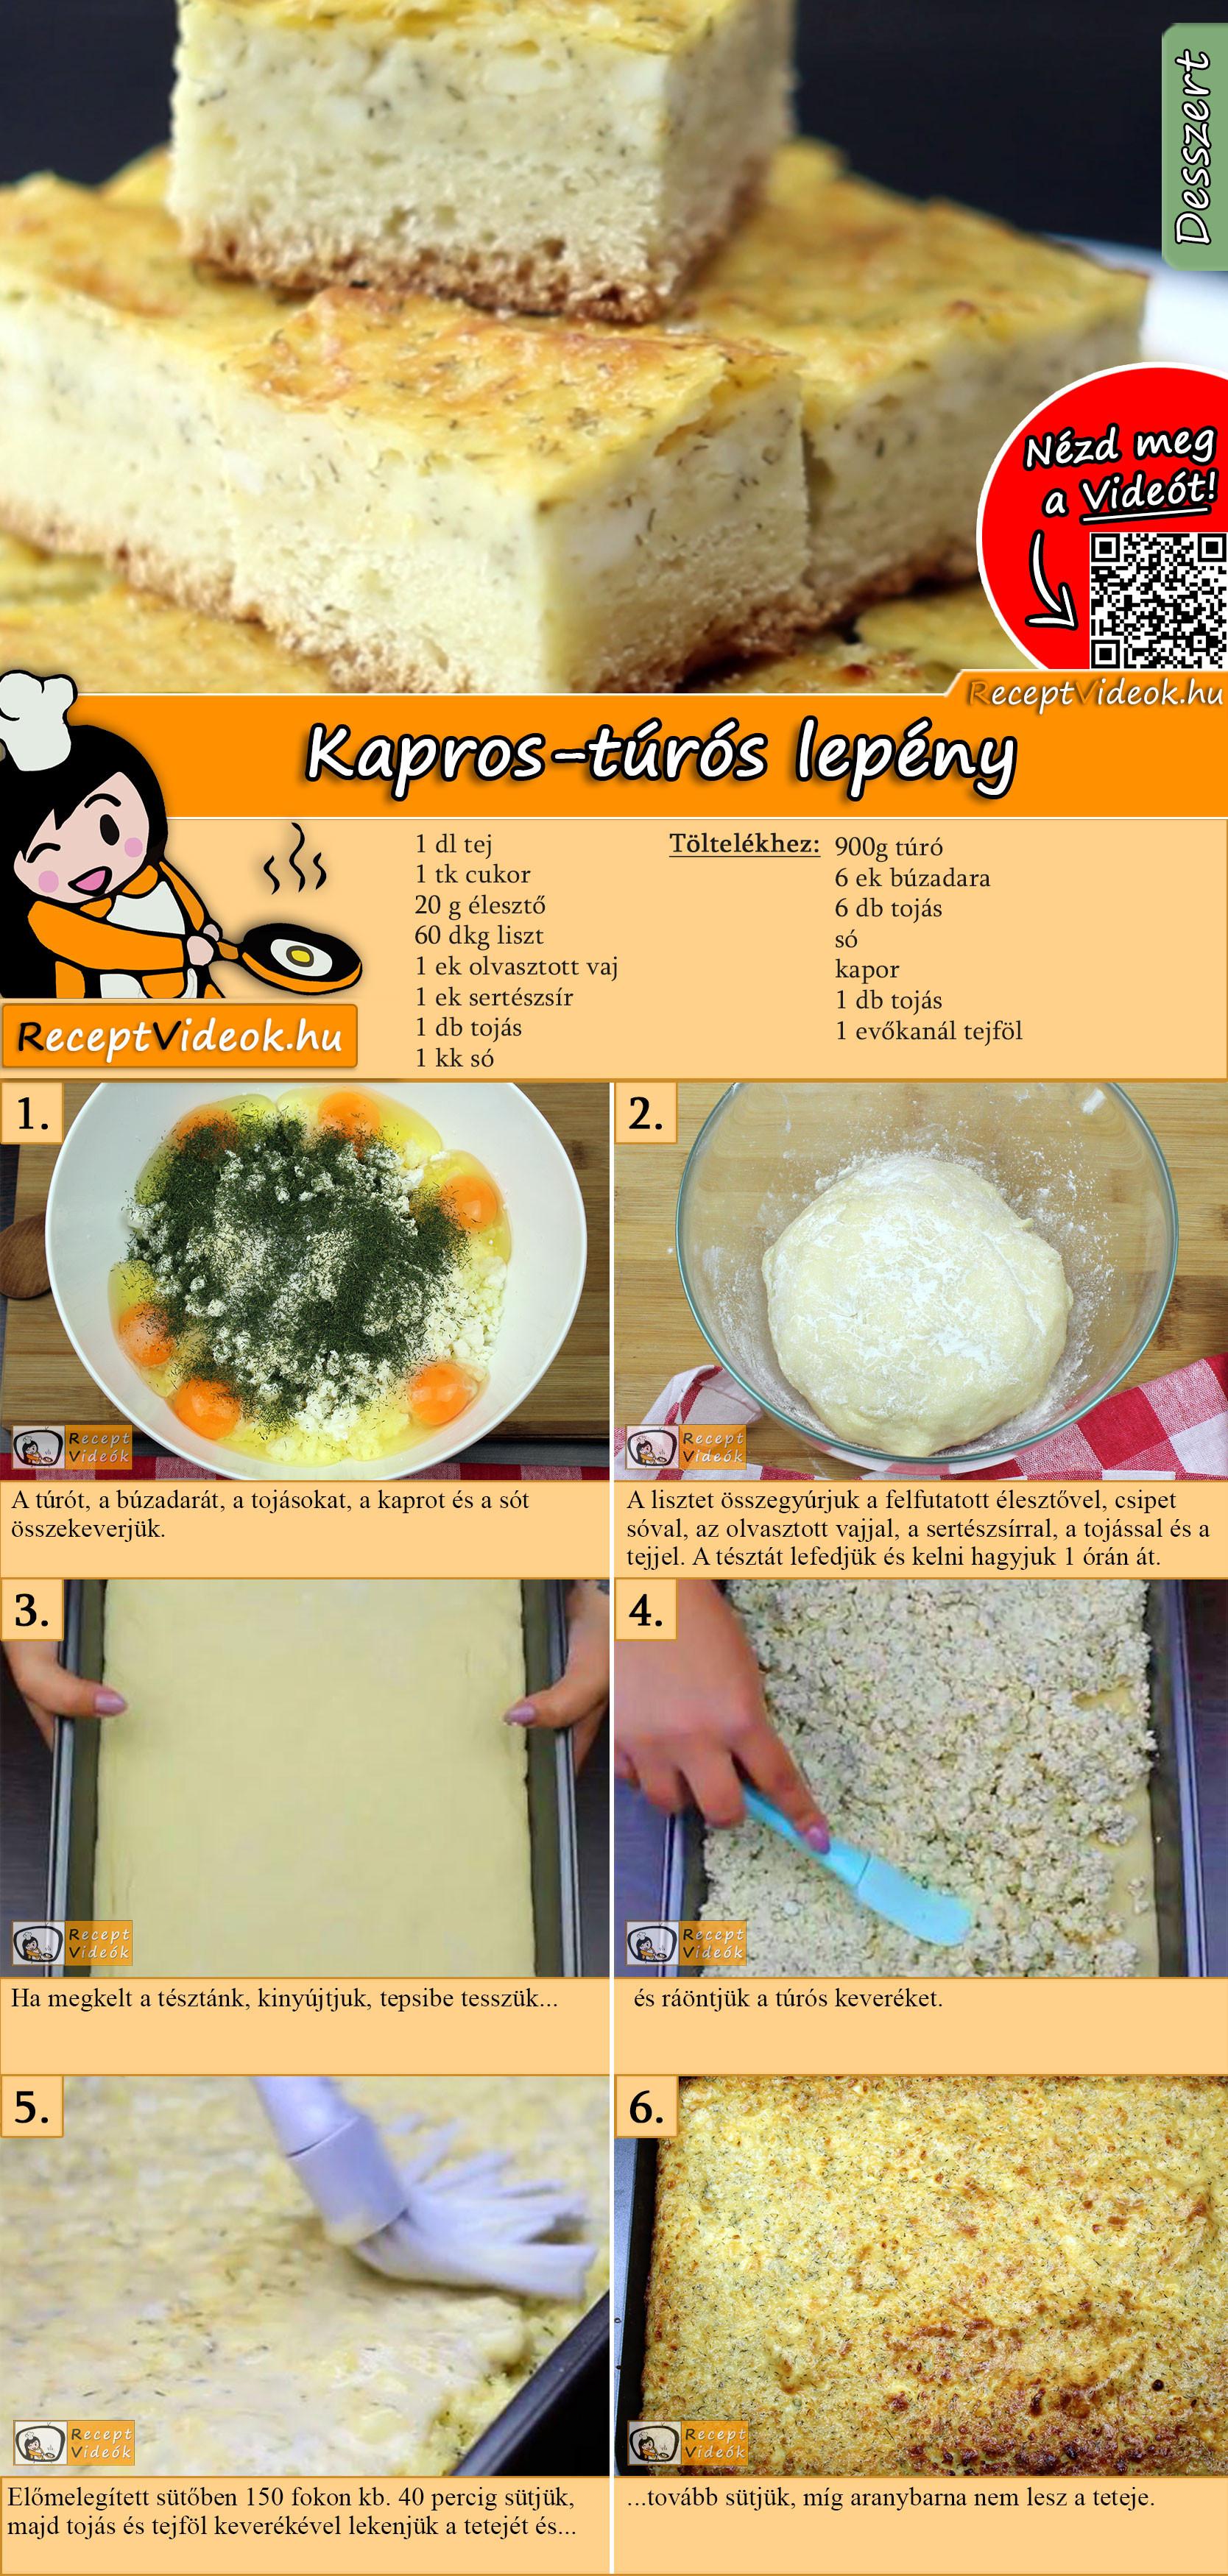 Kapros-túrós lepény recept elkészítése videóval